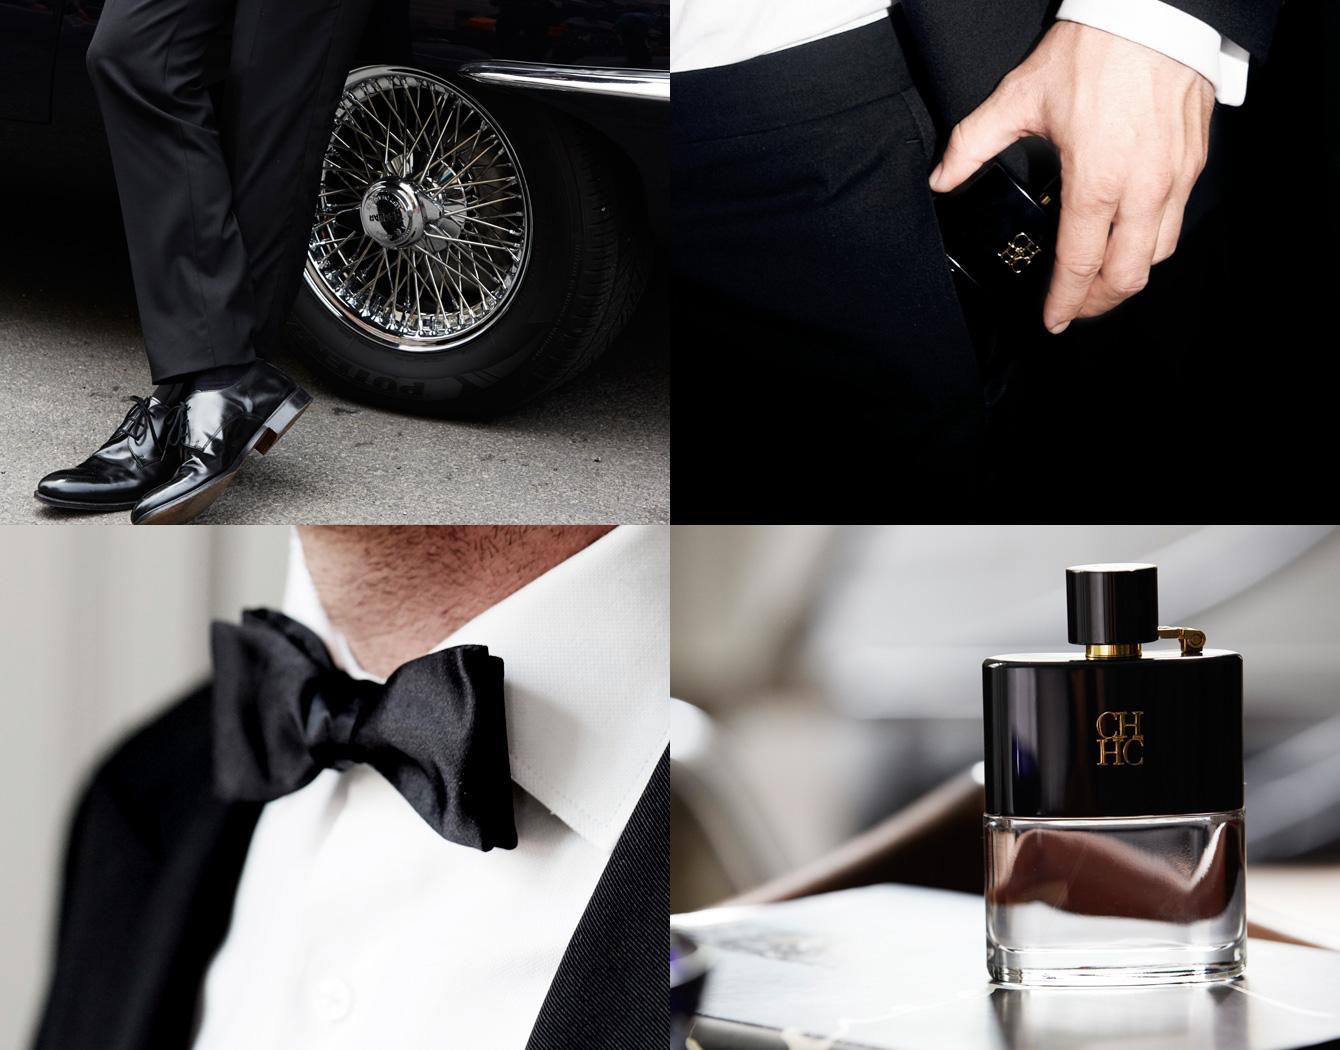 CH Men Privé  notas sofisticadas para o homem sedutor – Blog da ... e993ea3da4